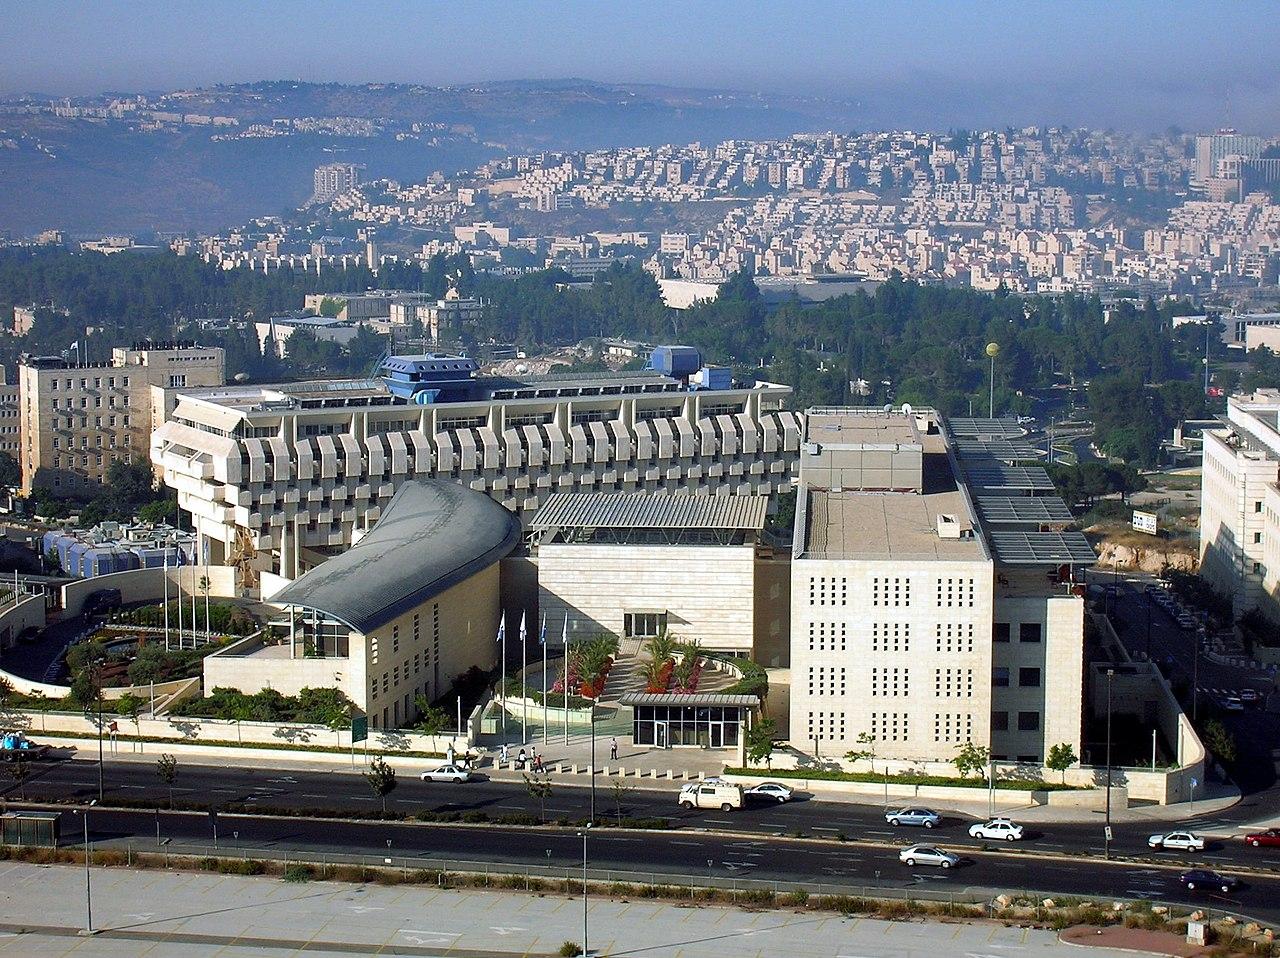 關閉所有海外使領館 以色列外交部罷工并非首次